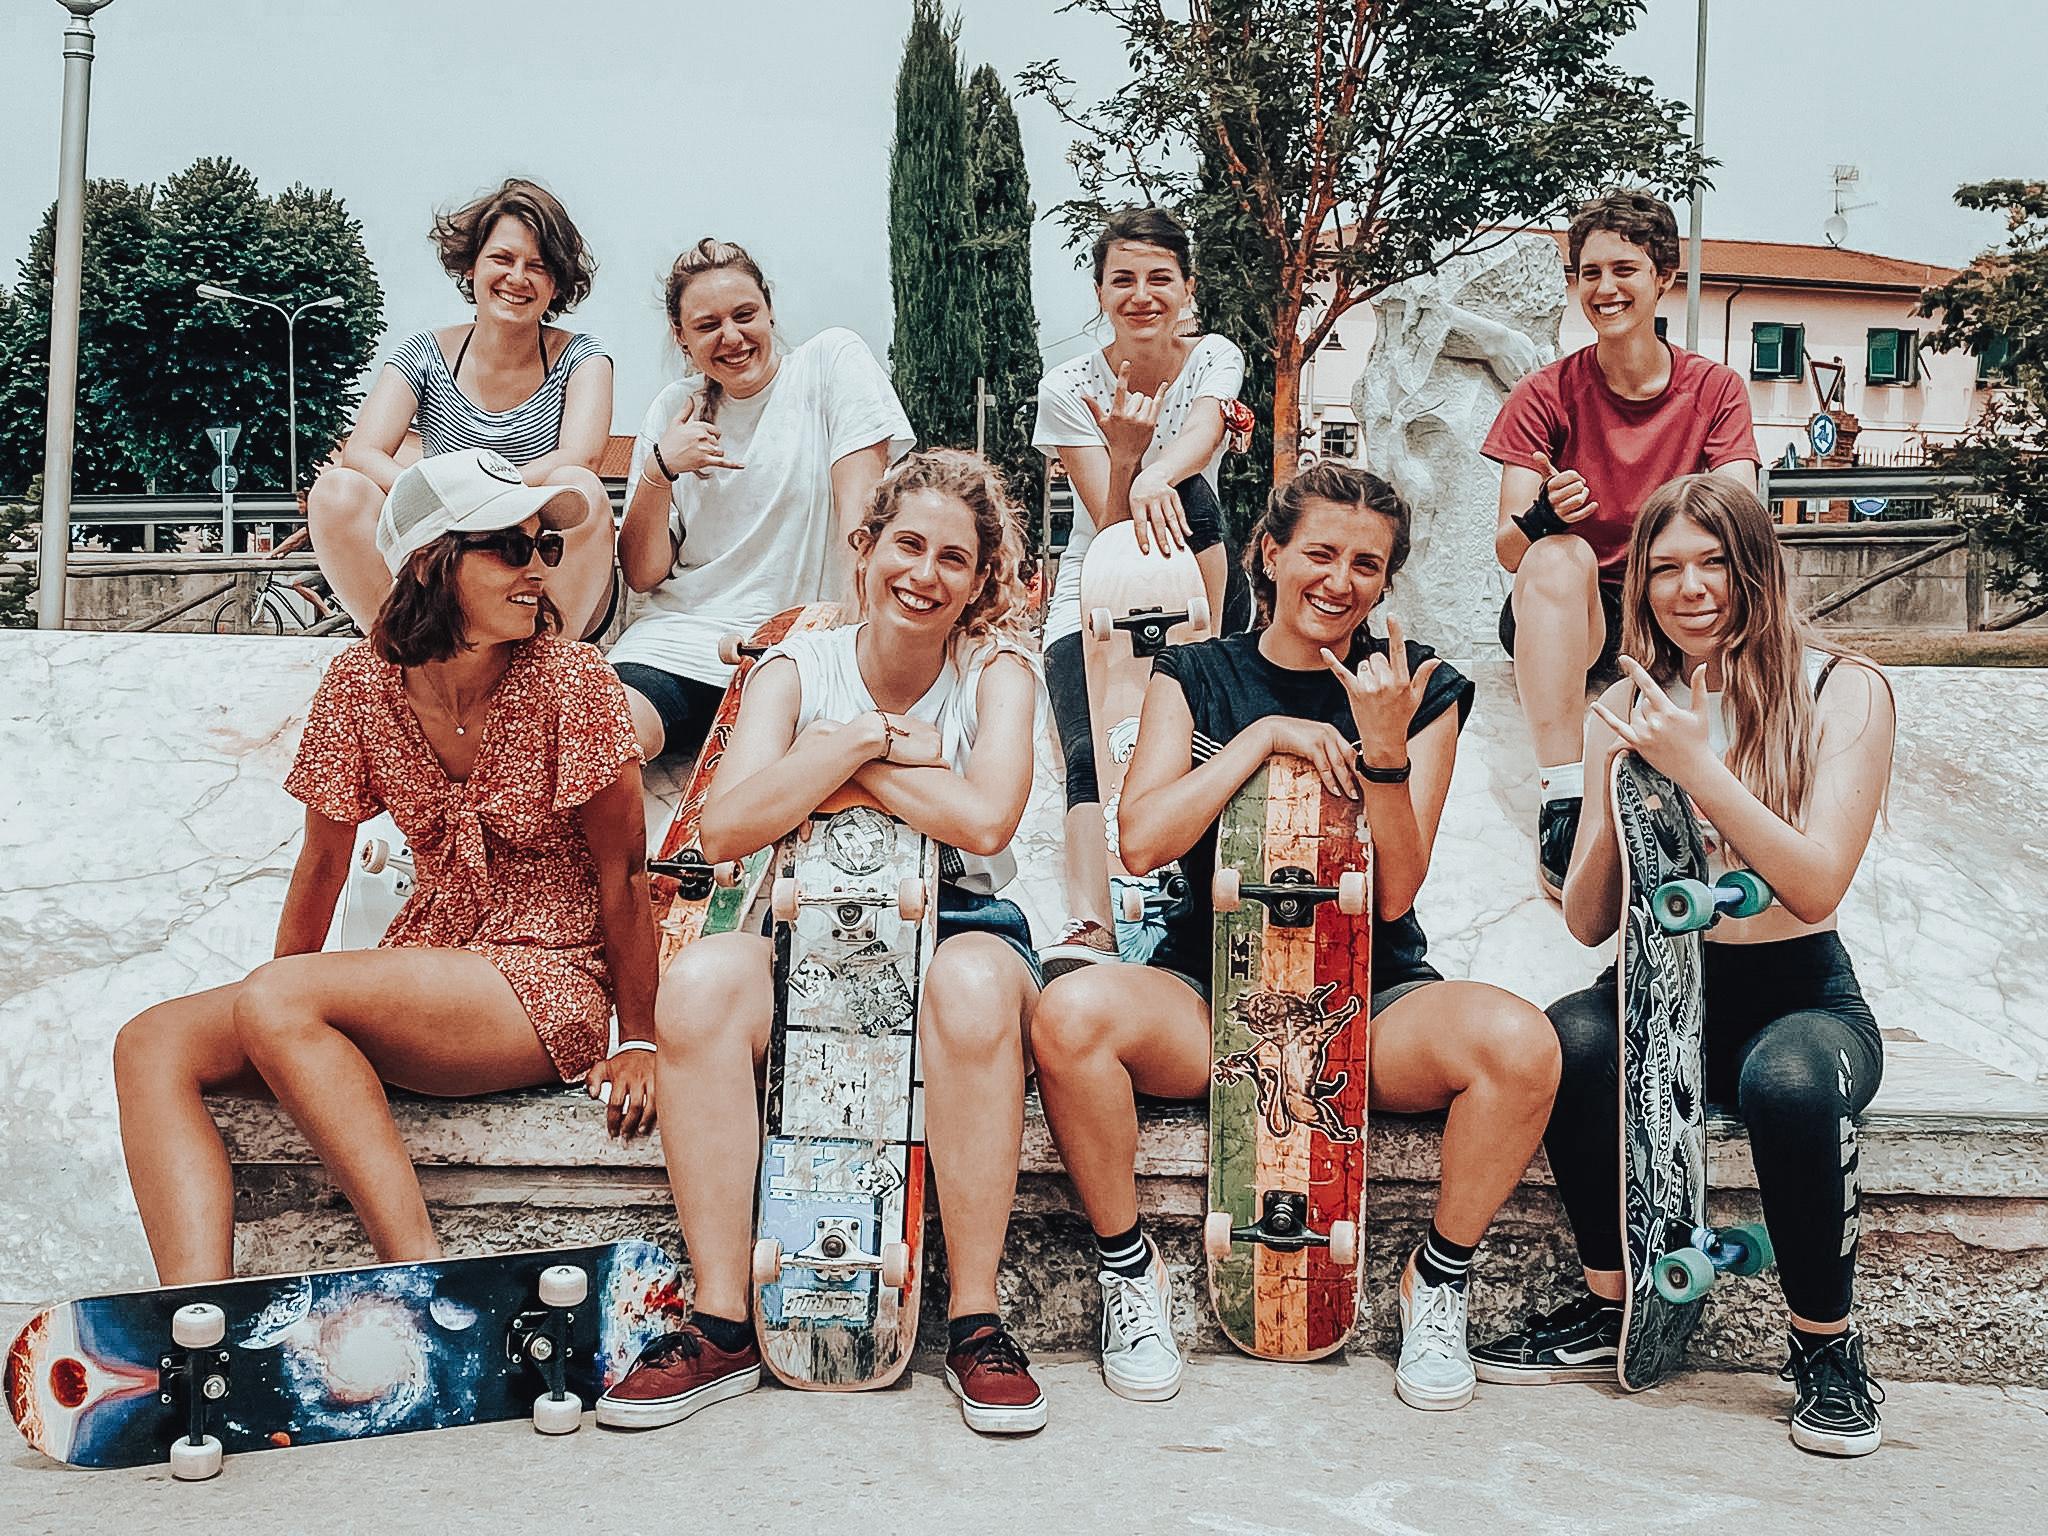 skateboarding leadership femminile